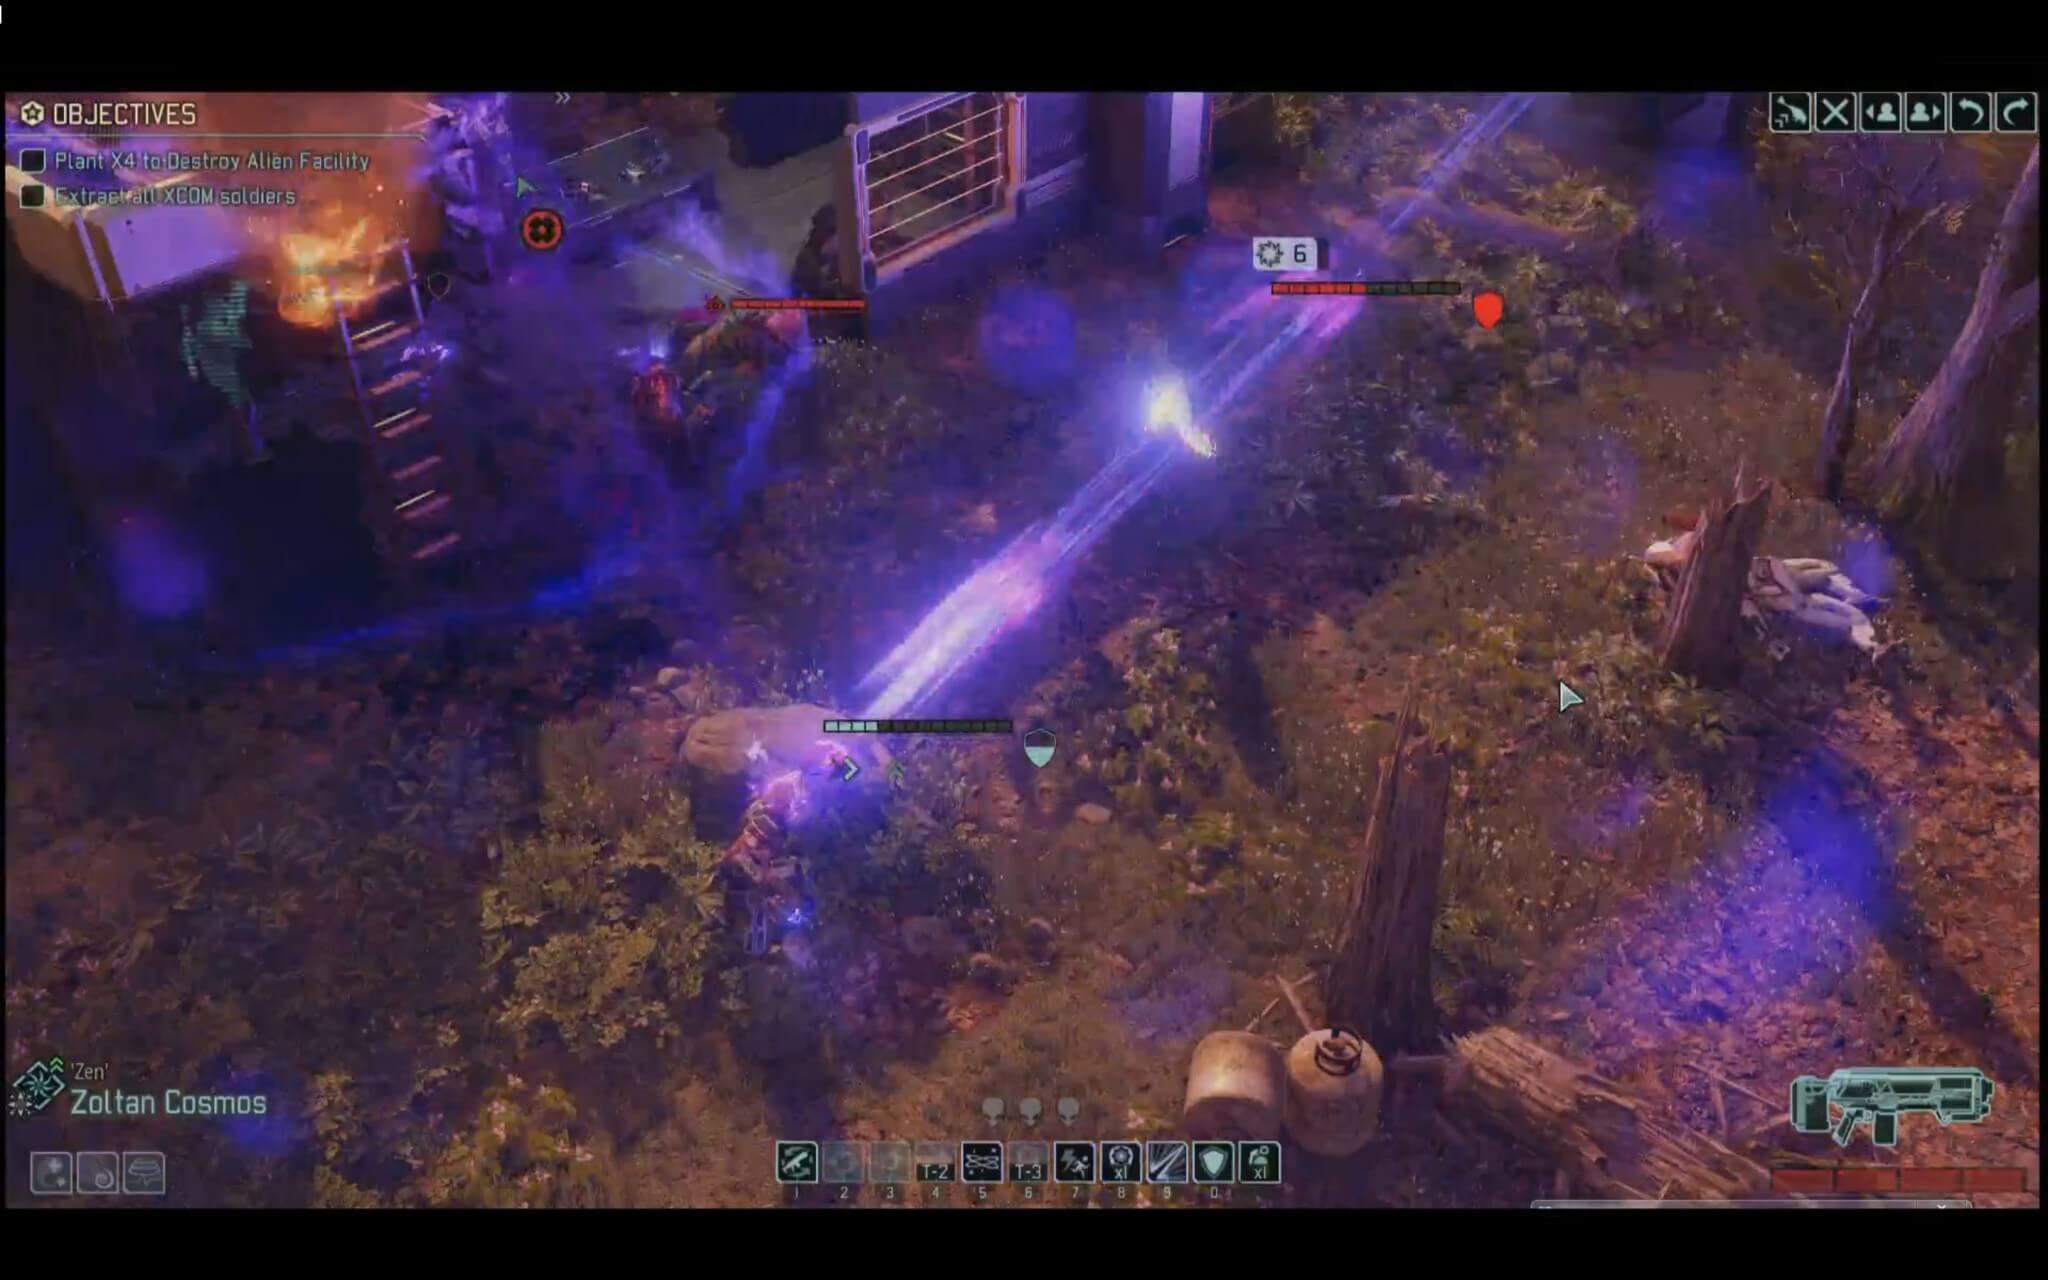 """XCOM 2: Die """"Null Lance"""" schießt einen geraden PSI-Strahl durch die Aliens (Bildrechte: Fireaxis)"""